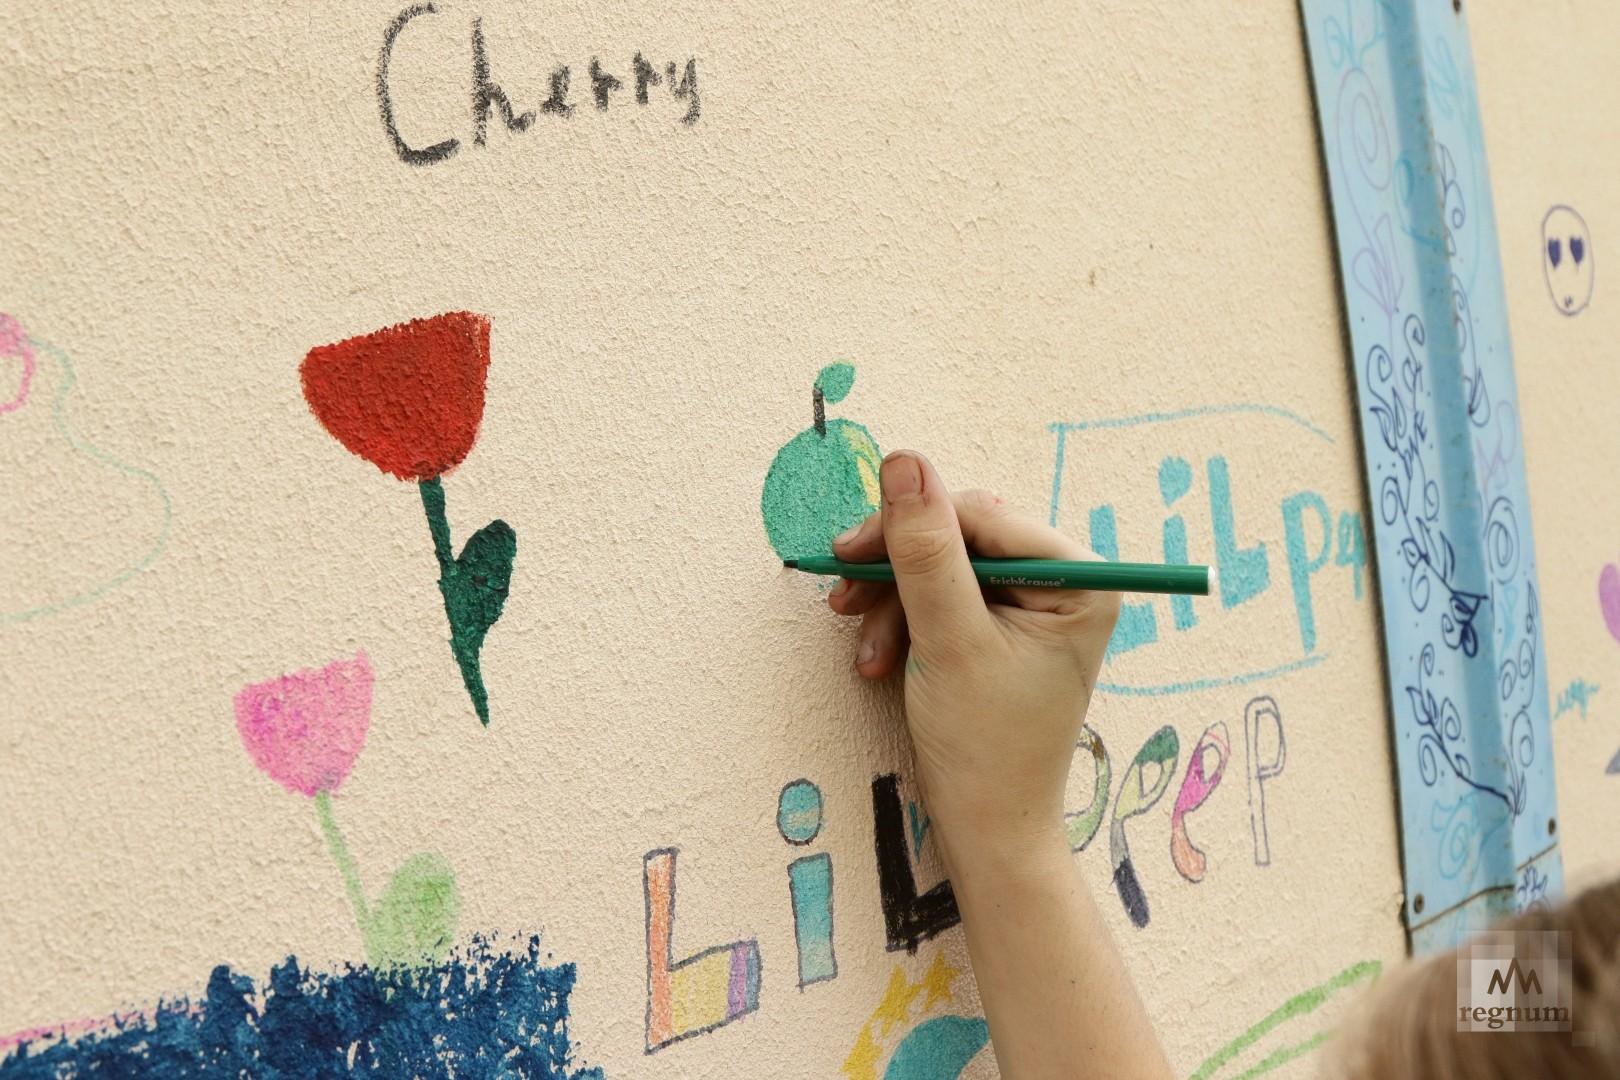 Группа детей, вдохновленных атмосферой фестиваля, принимает активное участие в творческом процессе